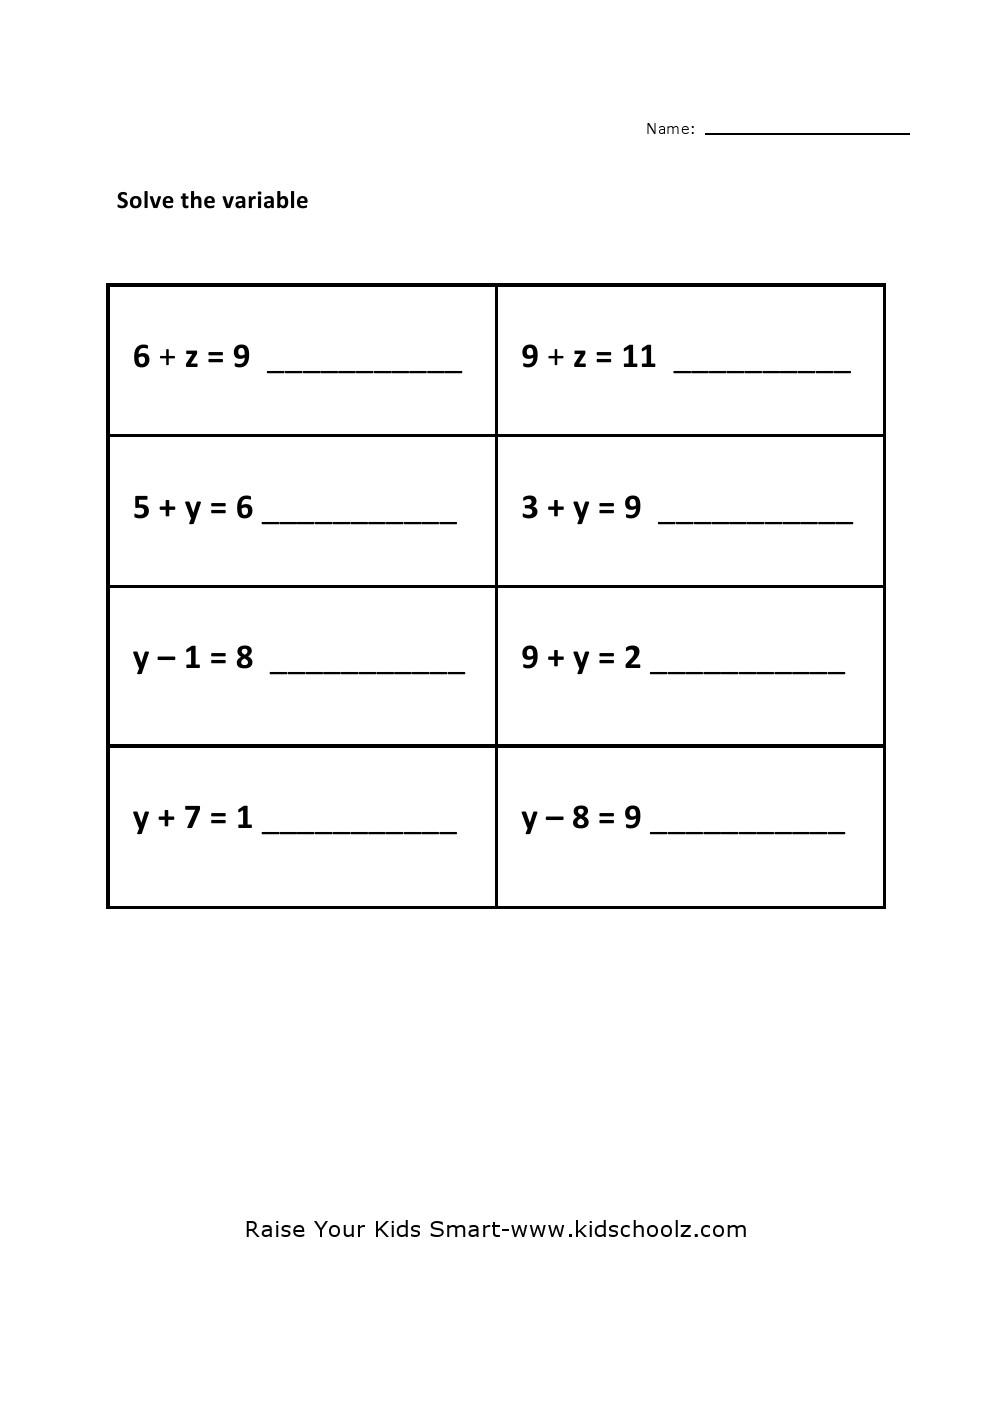 Grade 5 PreAlgebra Worksheet 3 KidschoolzKidschoolz – Pre Algebra Worksheet